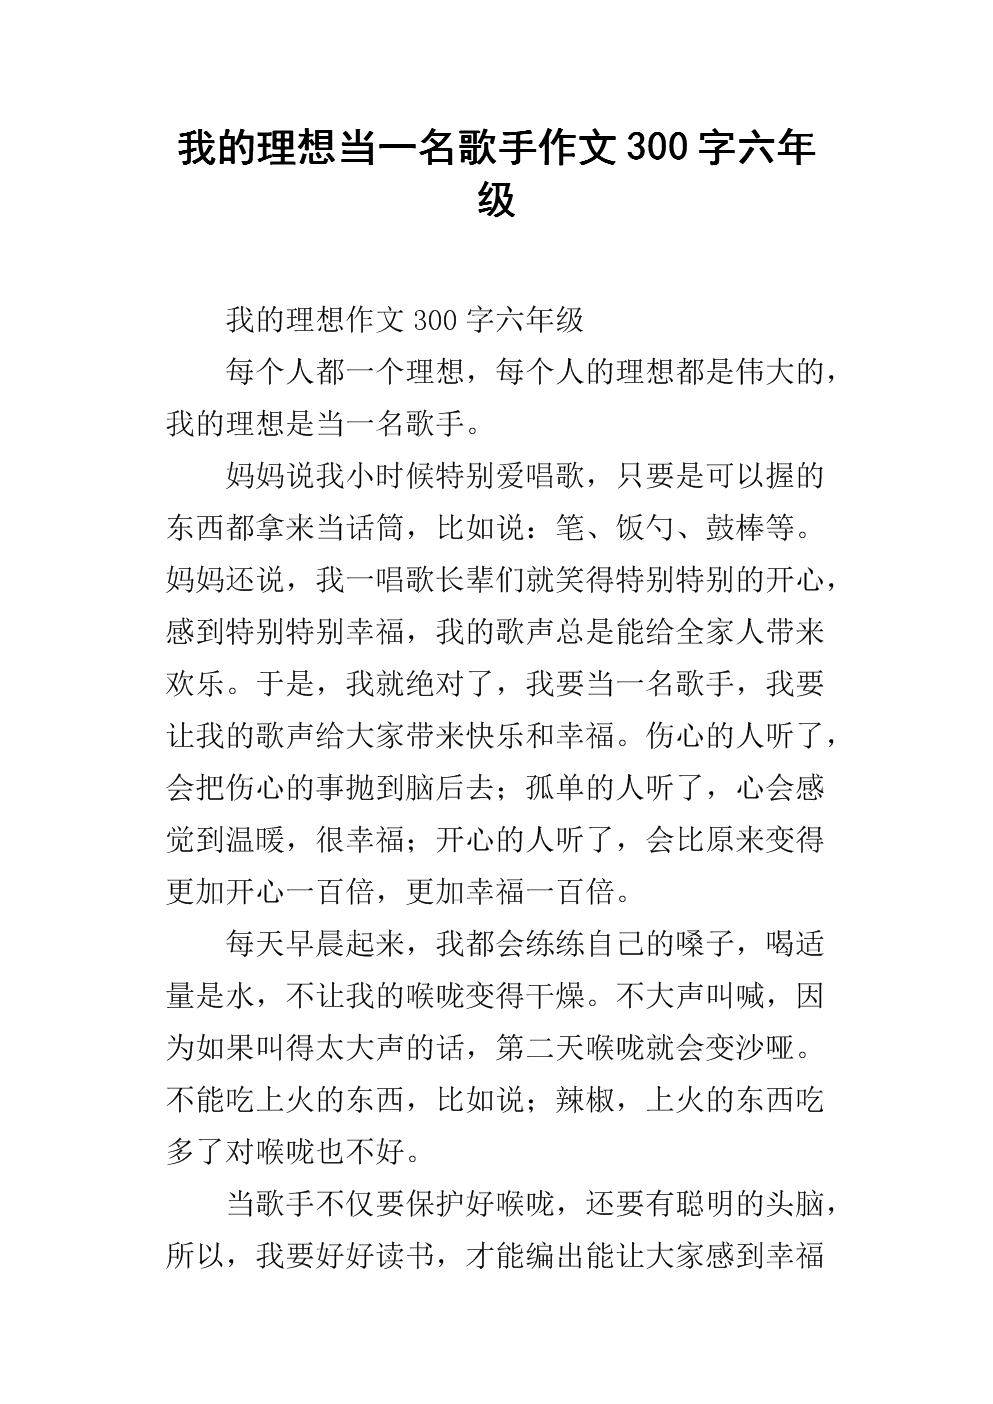 写老师的高考满分作文_作文2011高考湖南_湖南高考作文怎么写